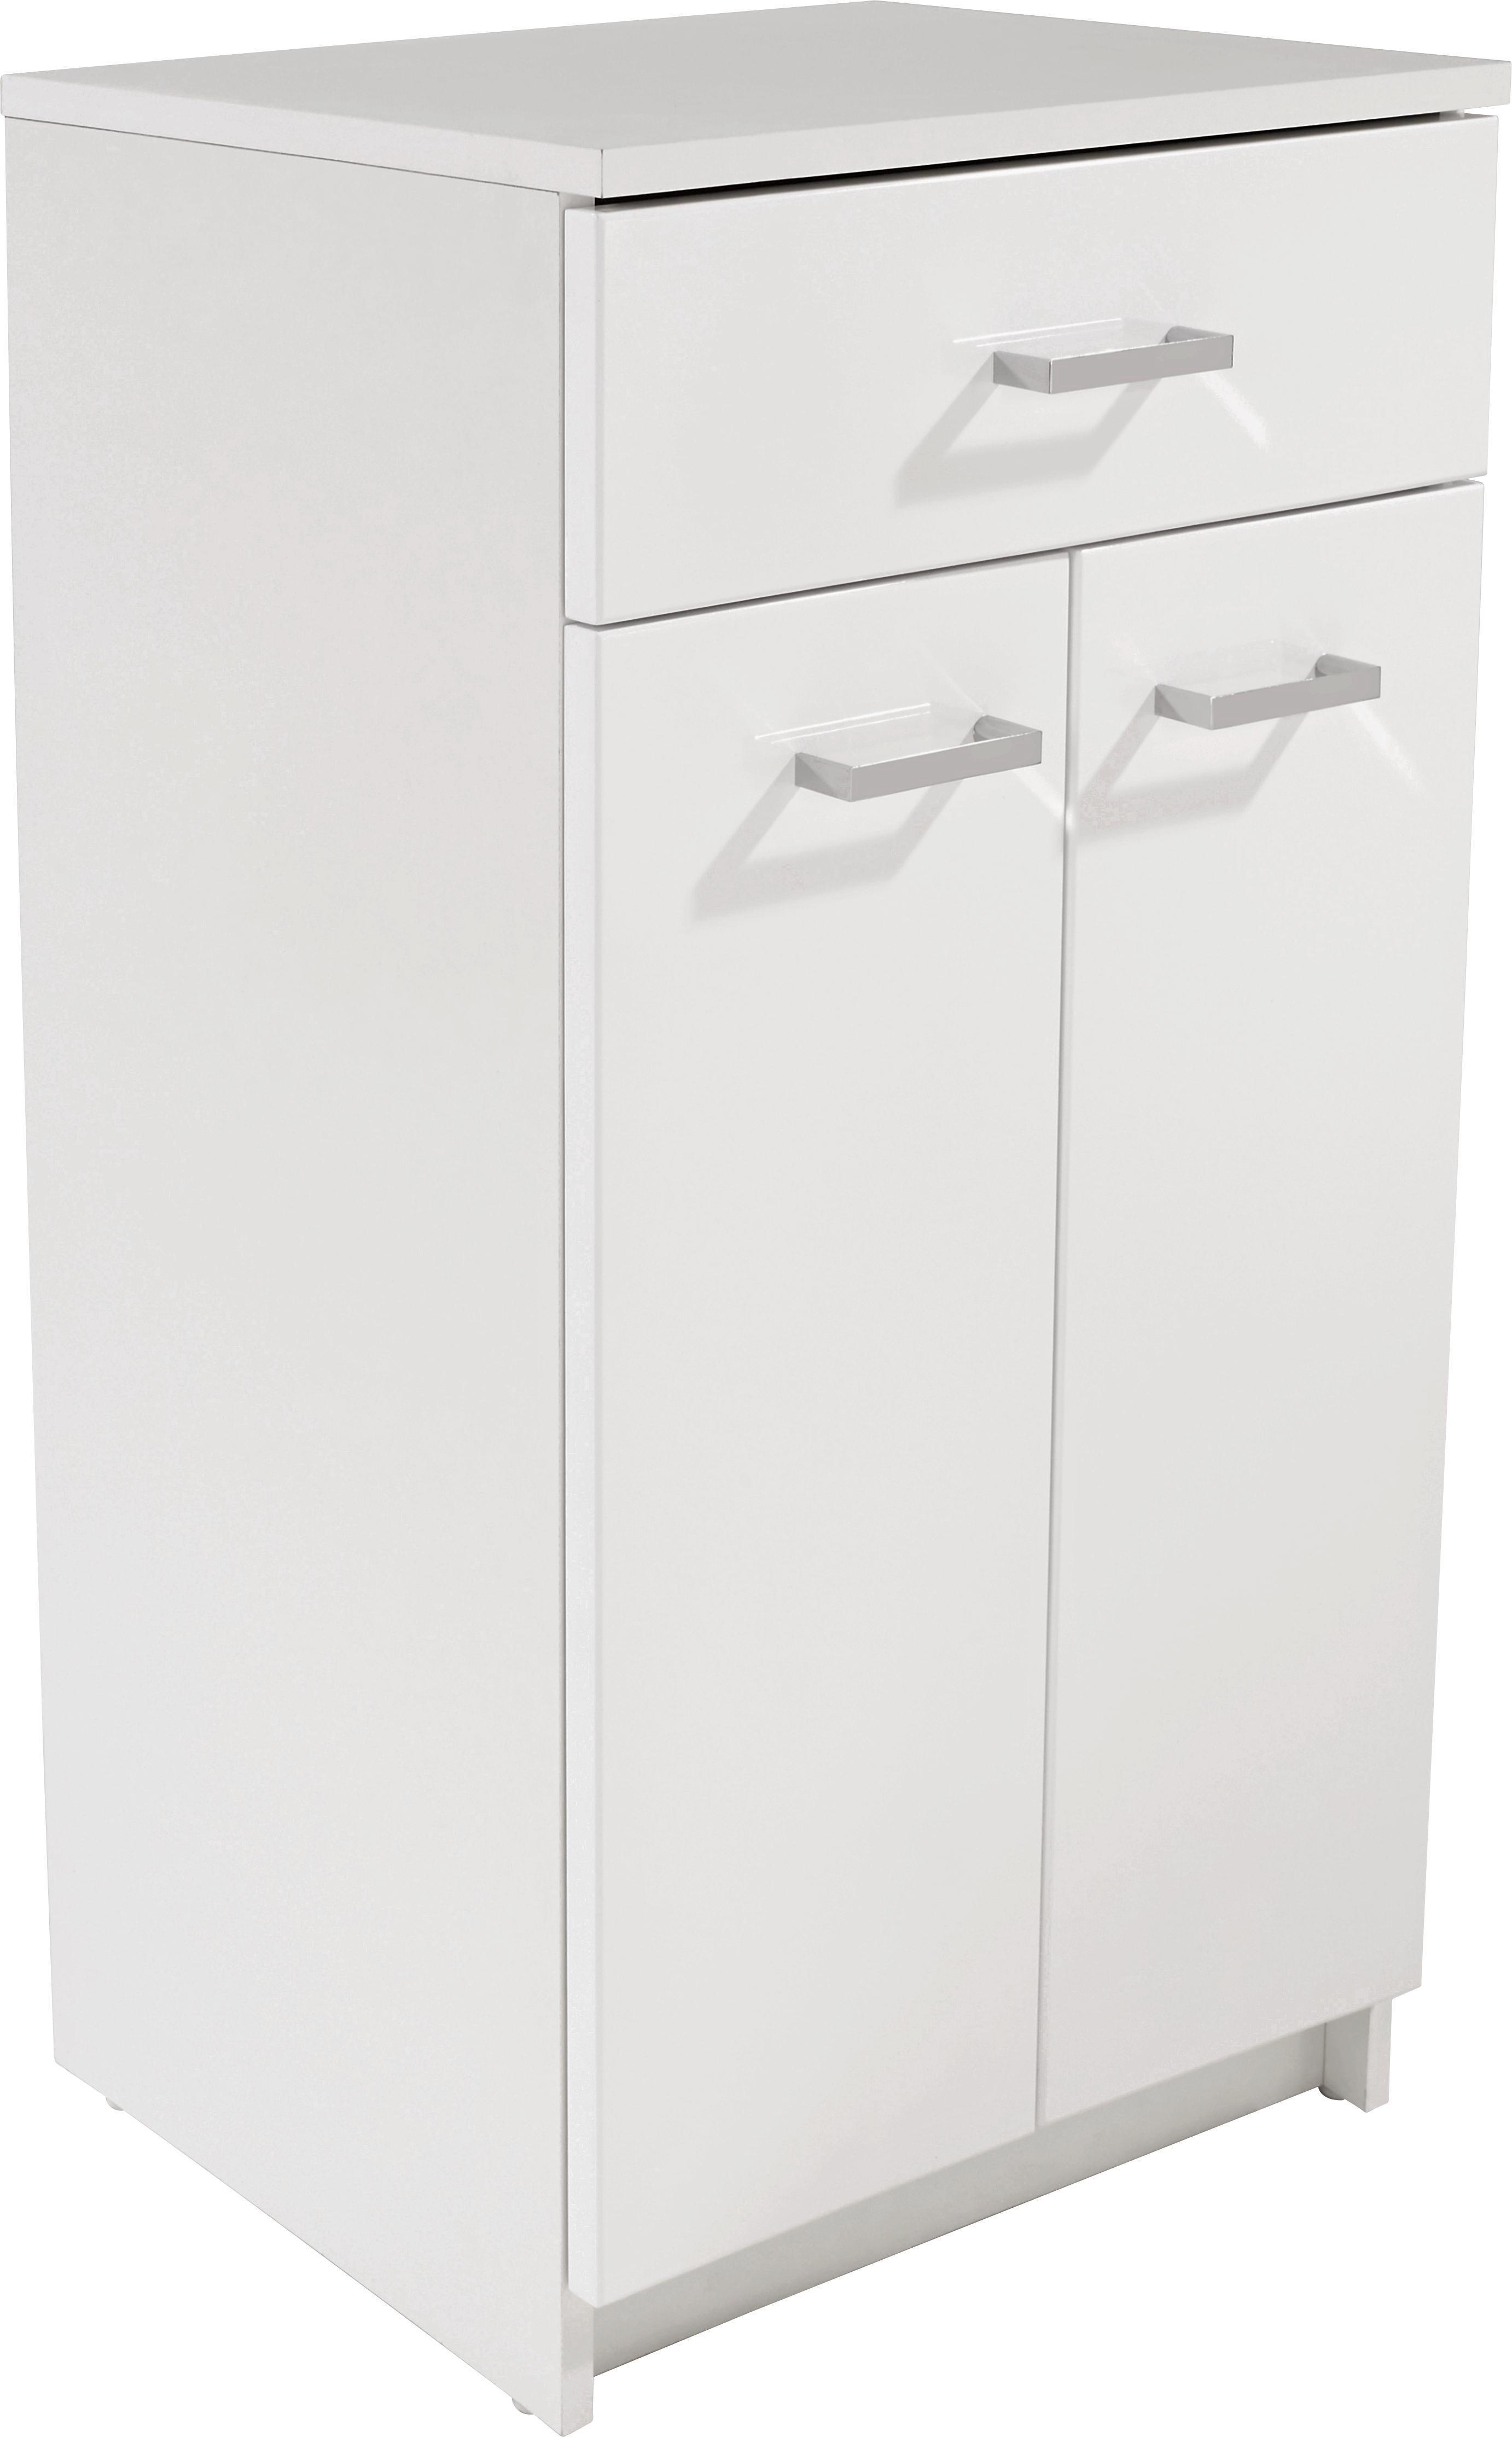 Spodní Skříňka Fiola - bílá, Konvenční, dřevěný materiál (50/84,7/33,5cm)